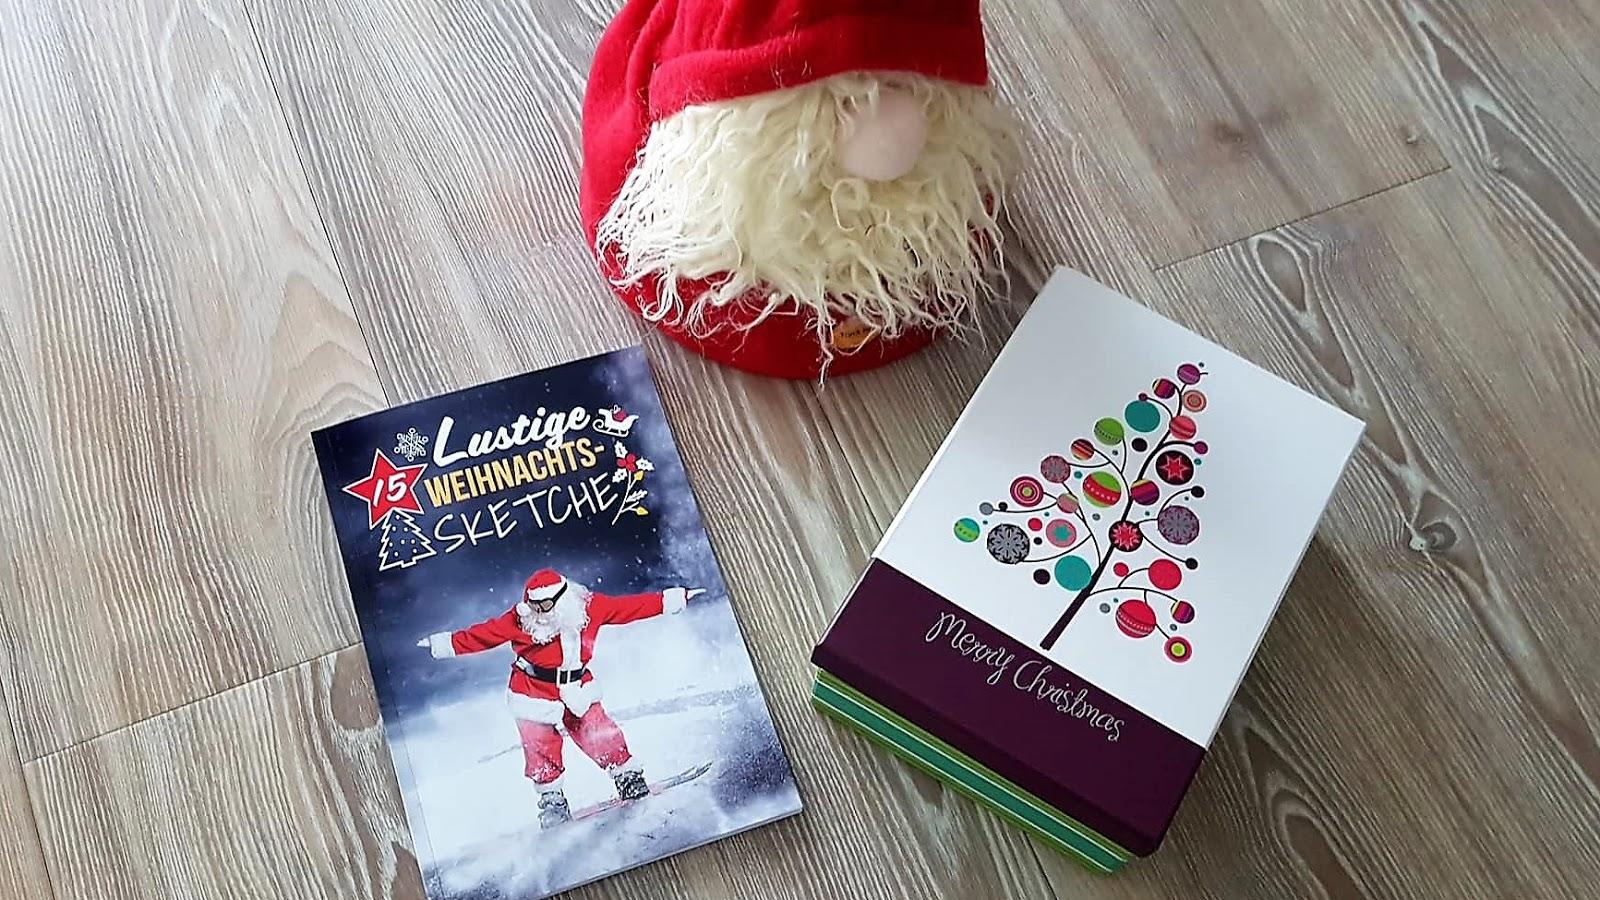 Shoushous Shades of Shopping: Kann Weihnachten lustig werden ...